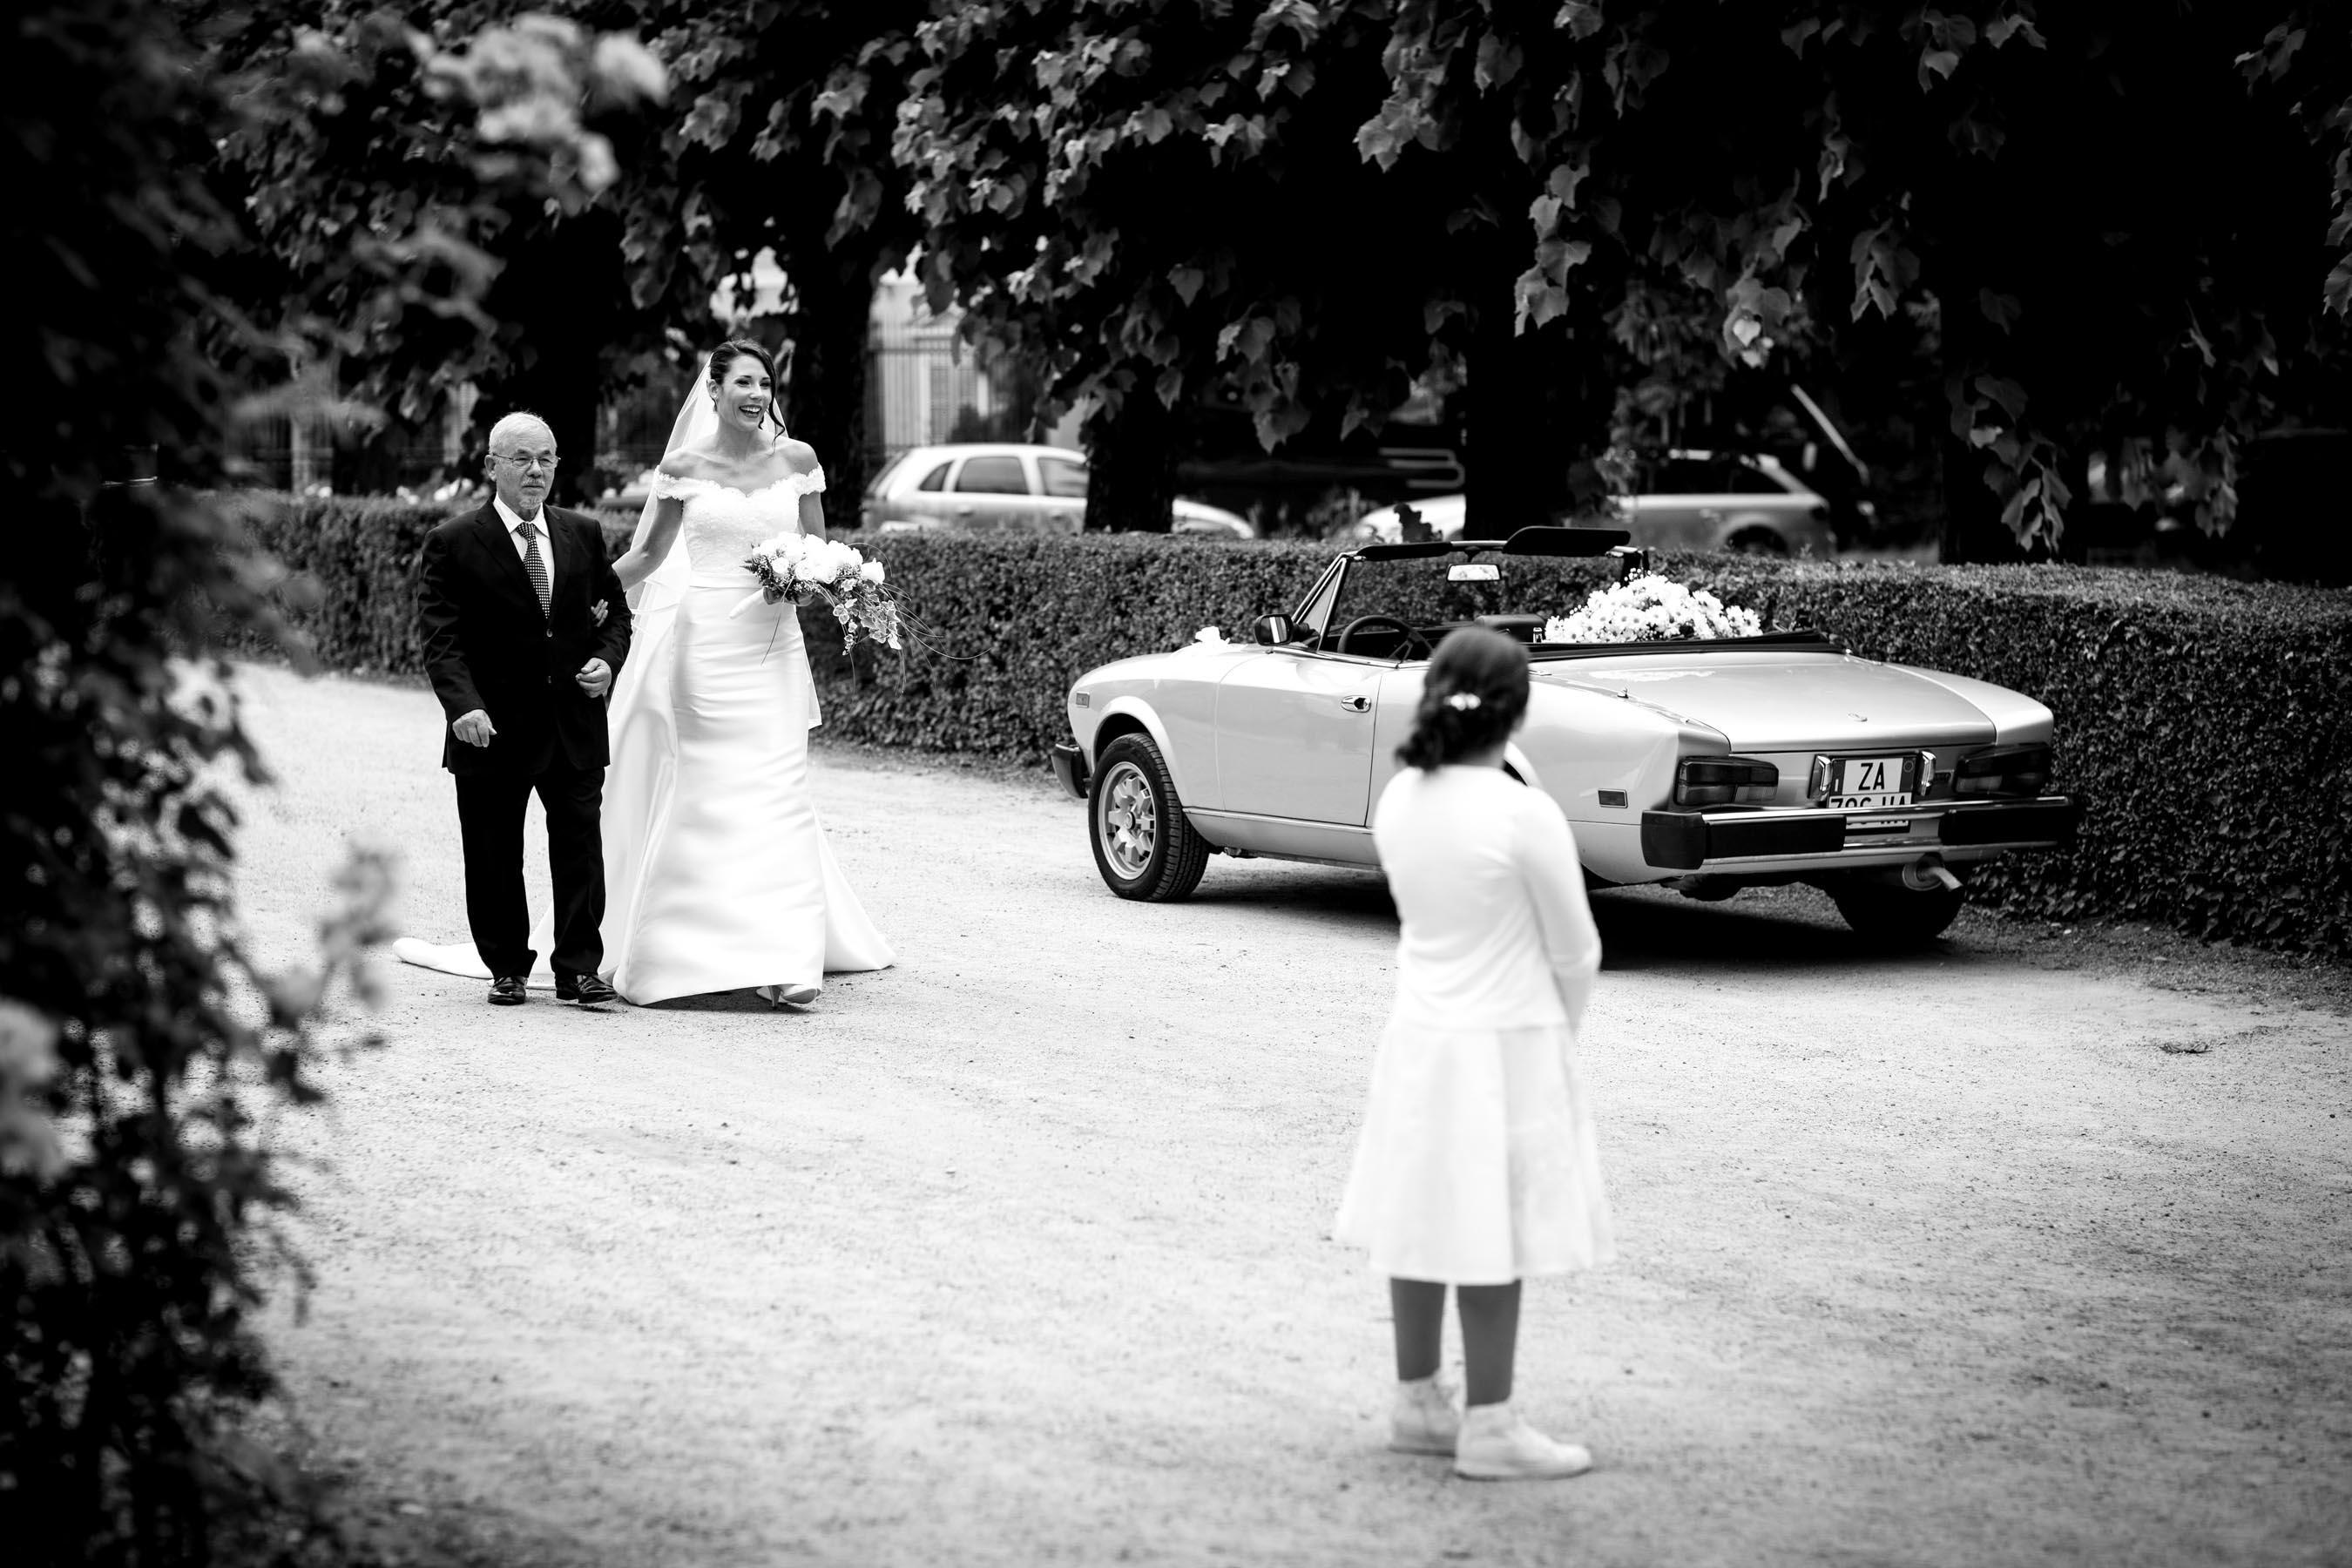 art foto_torino_monica sica photography_la vià _cavour_ fotografo matrimonio_torino-23